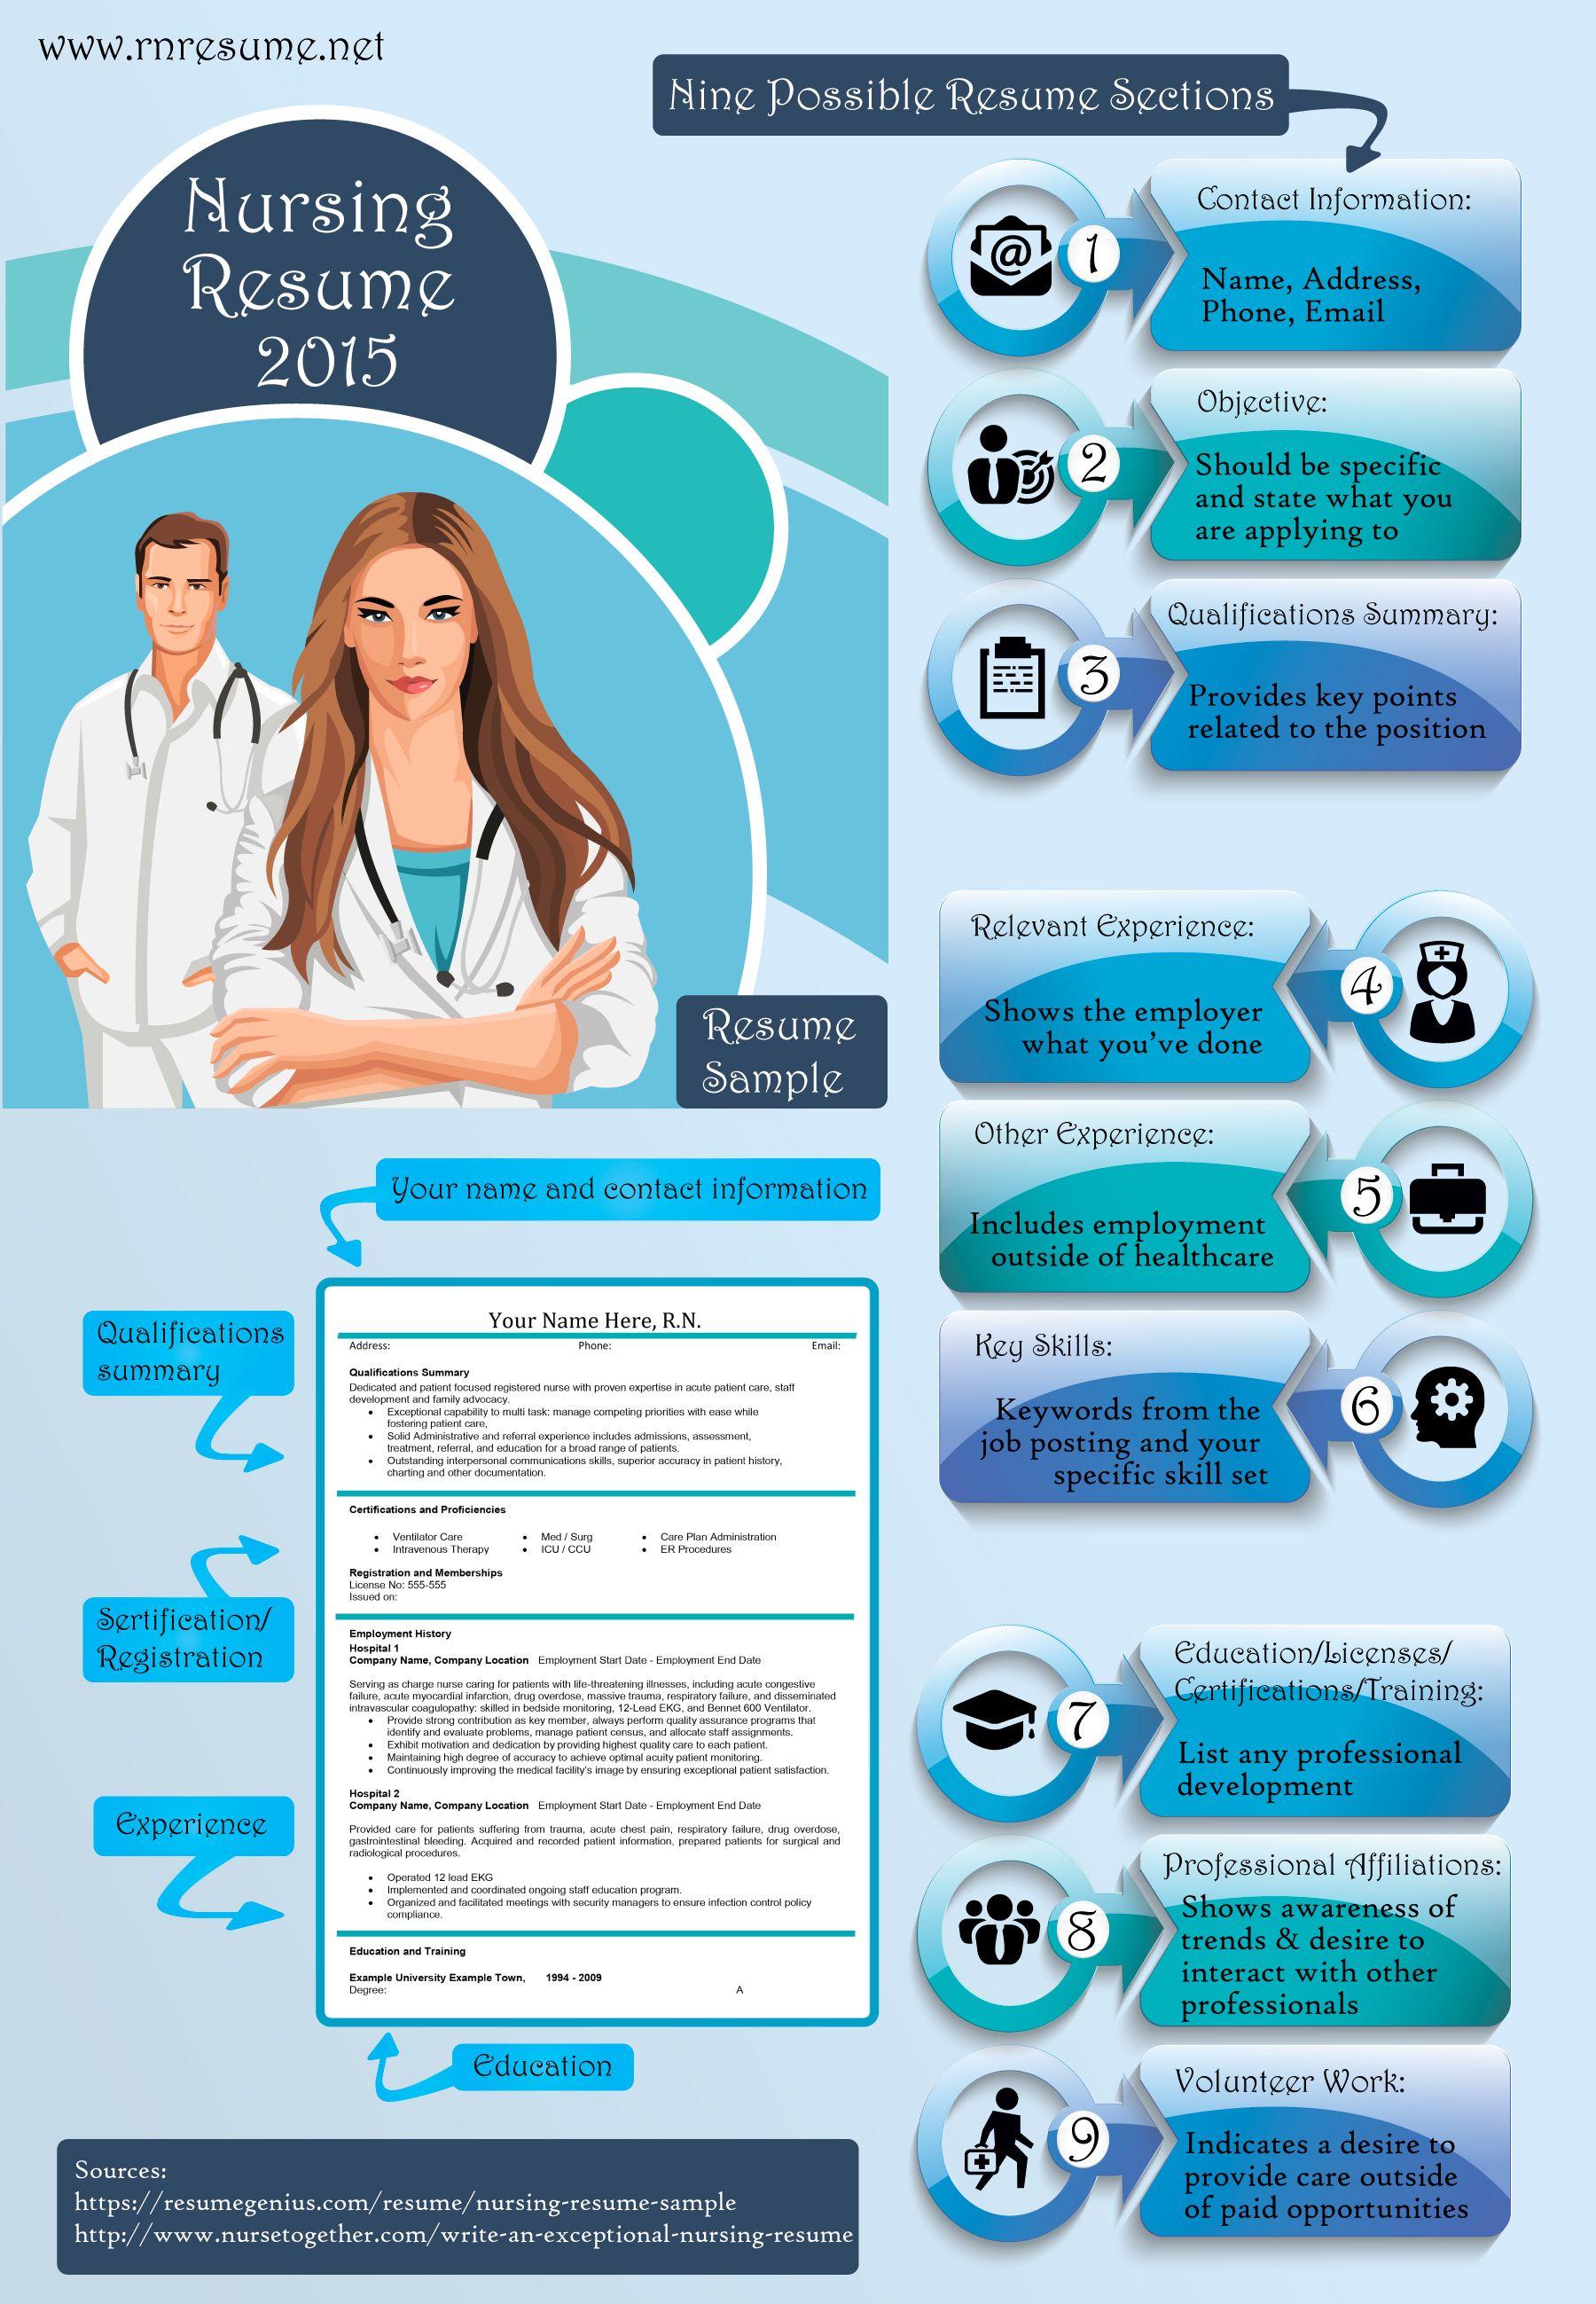 Nursing Resume 2015 Professionalism 101 Pinterest Nursing